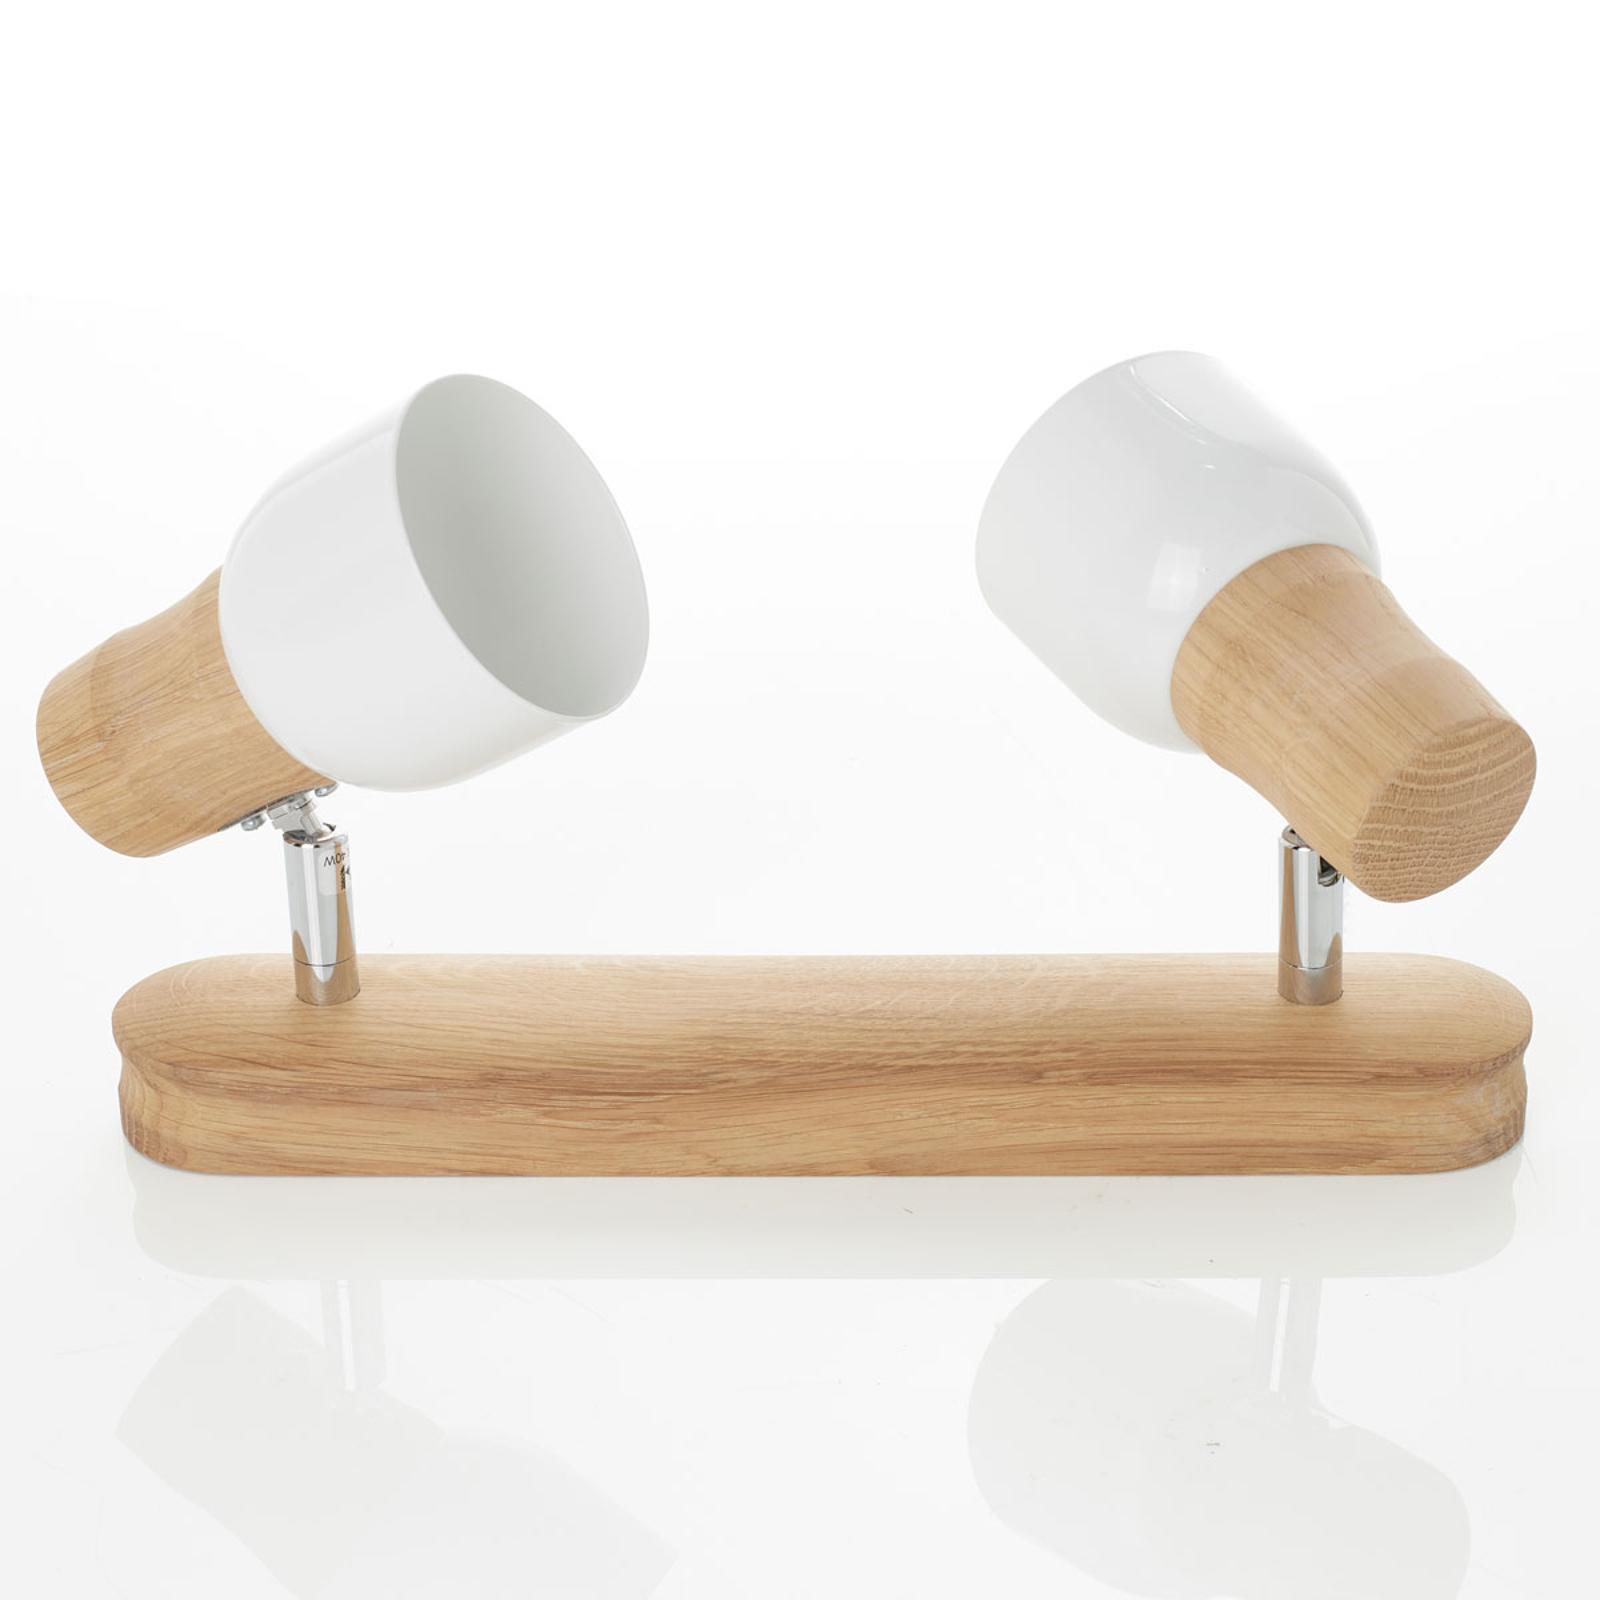 Plafonnier Svantje en bois à 2 lampes